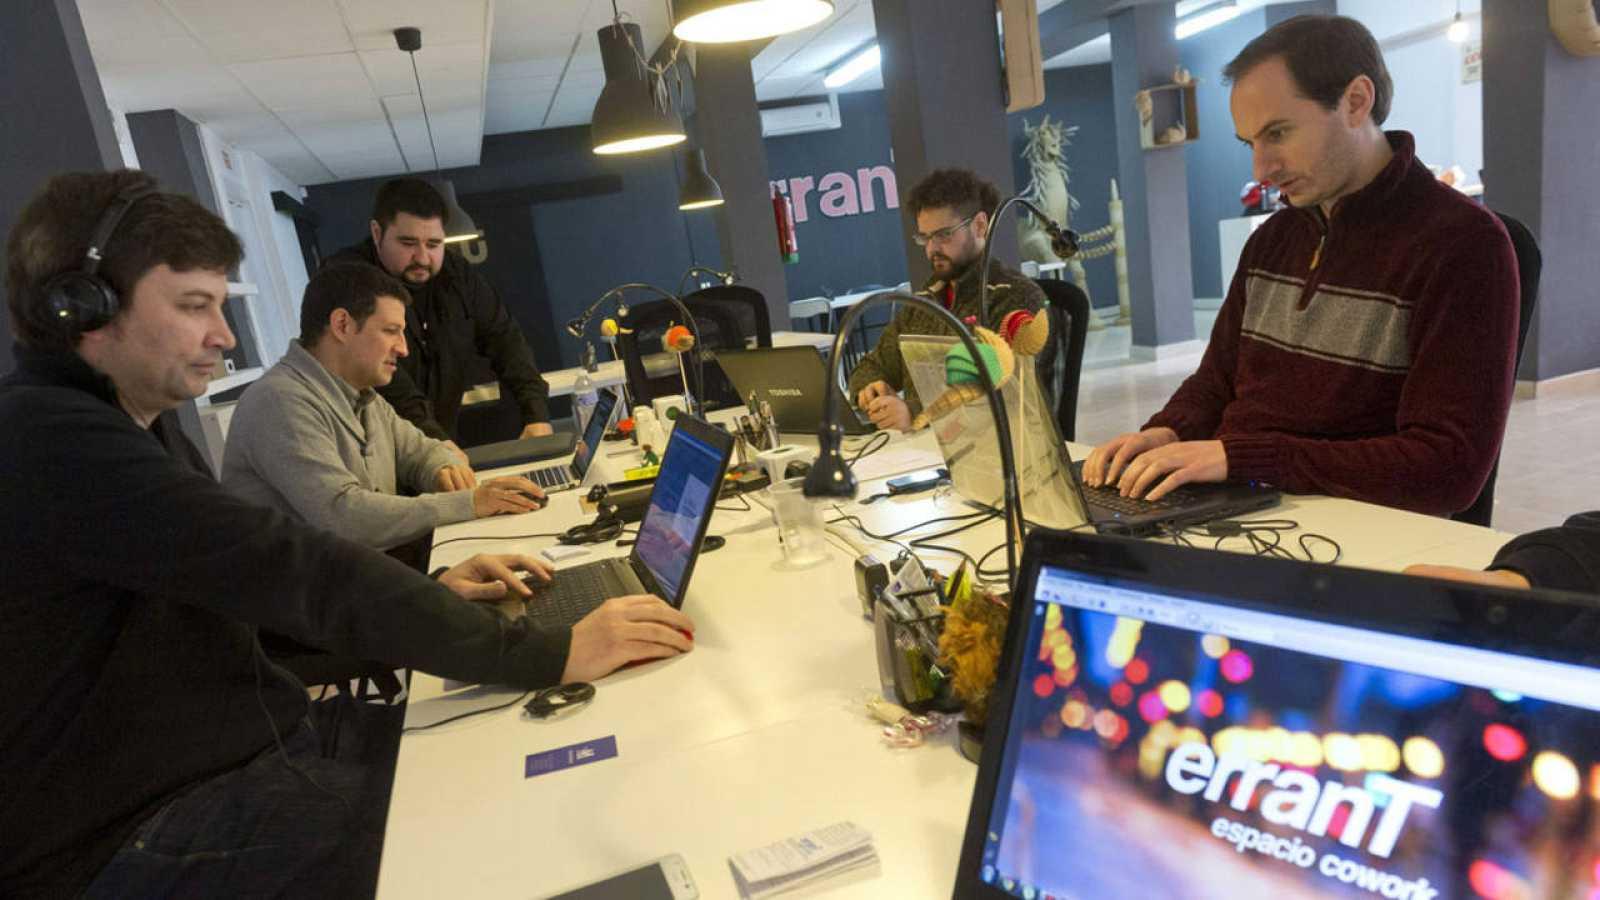 Varios autónomos trabajan en un espacio de coworking en Granada